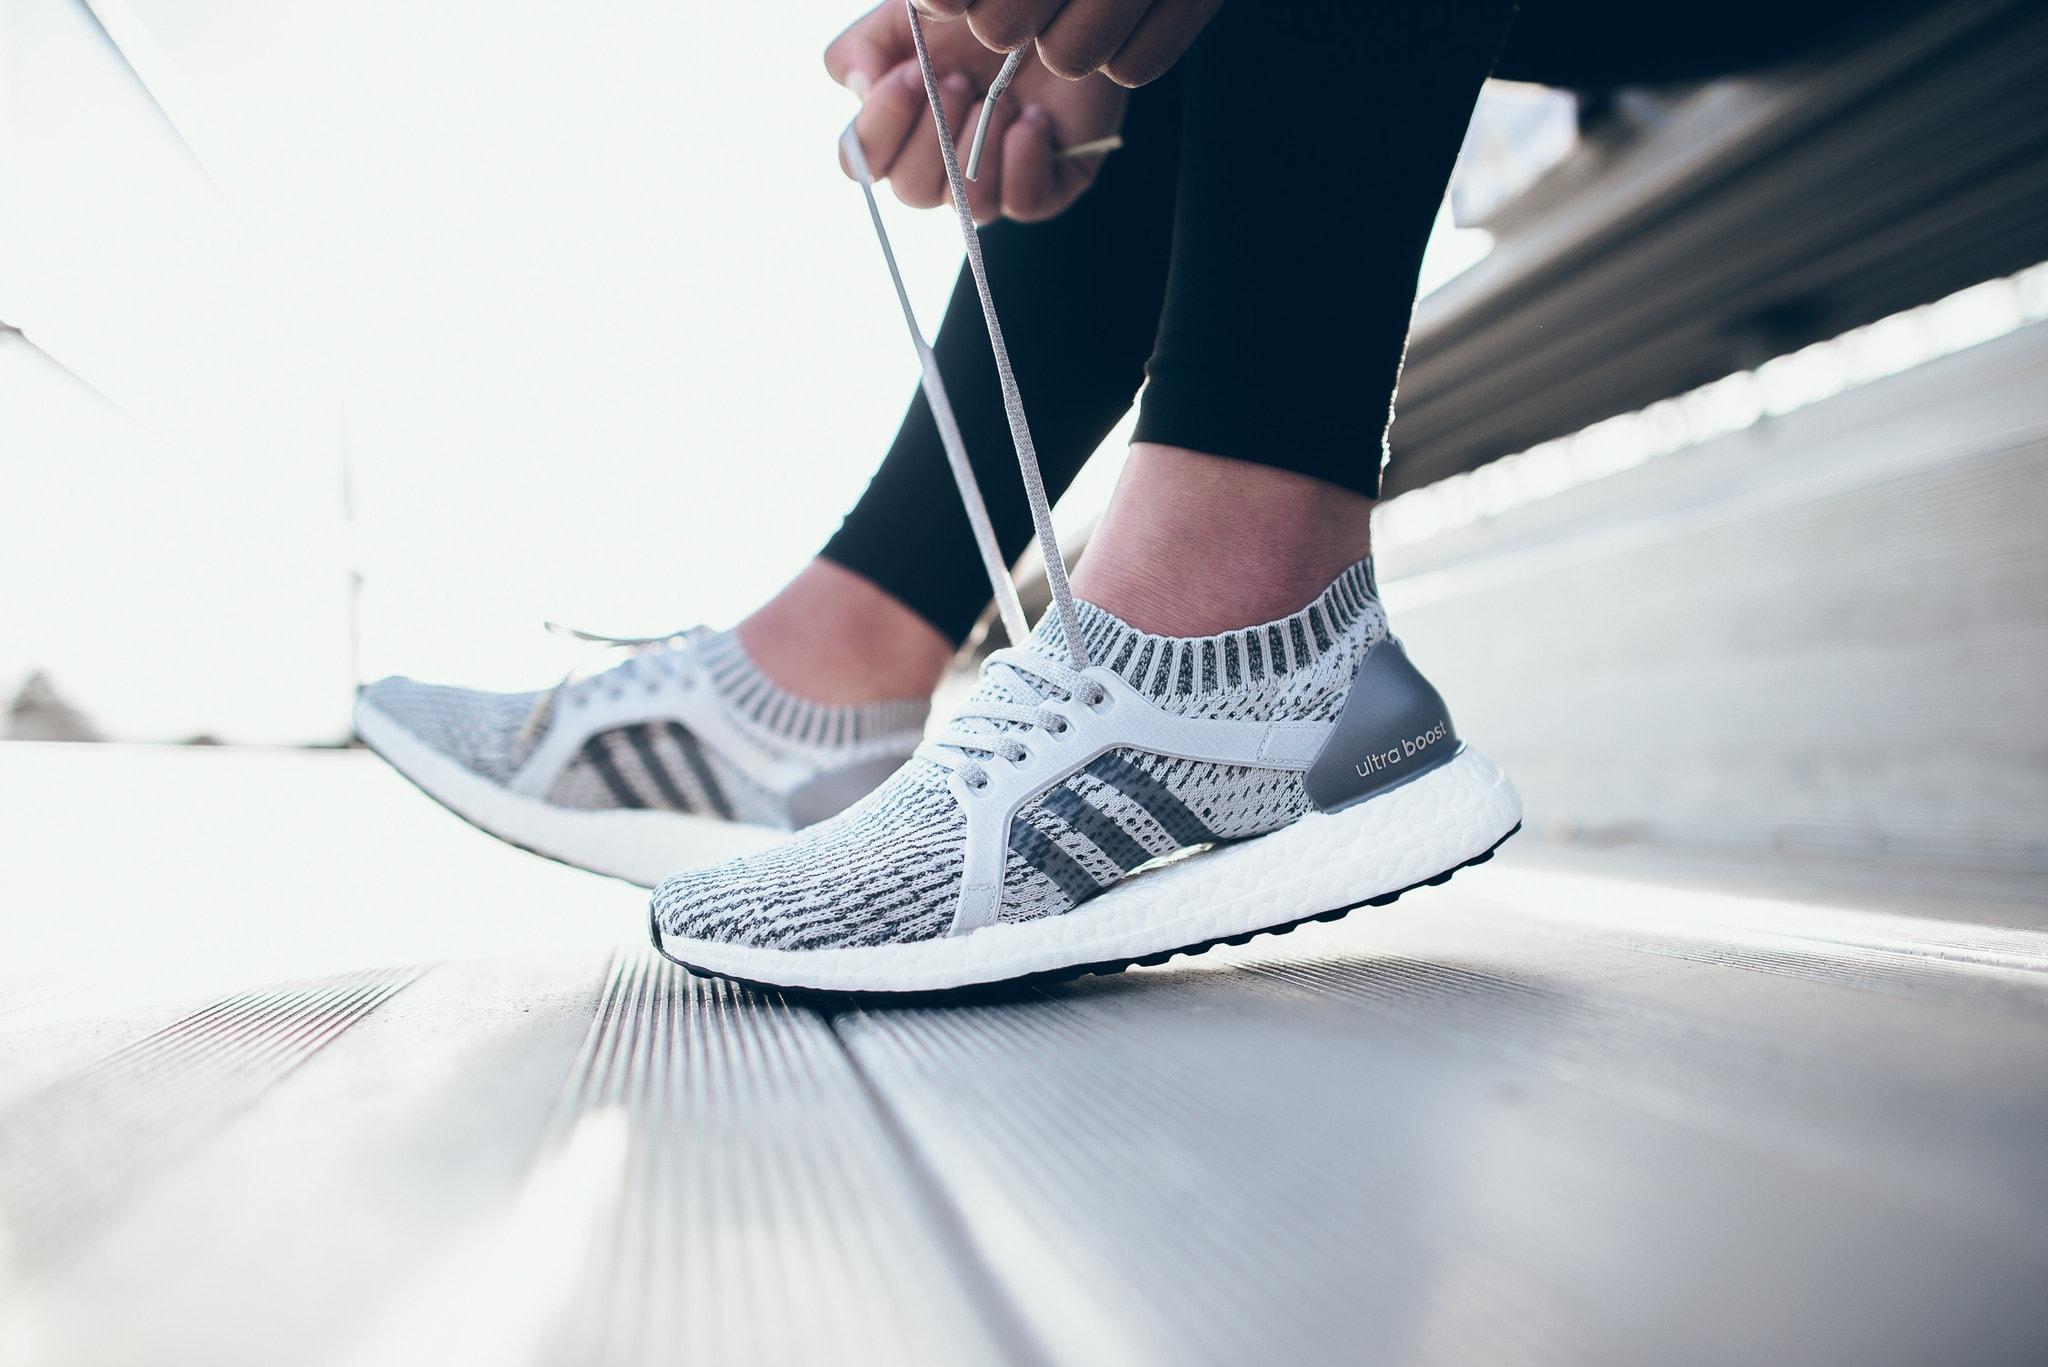 Giày thể thao thể hiện sự cá tính, năng động